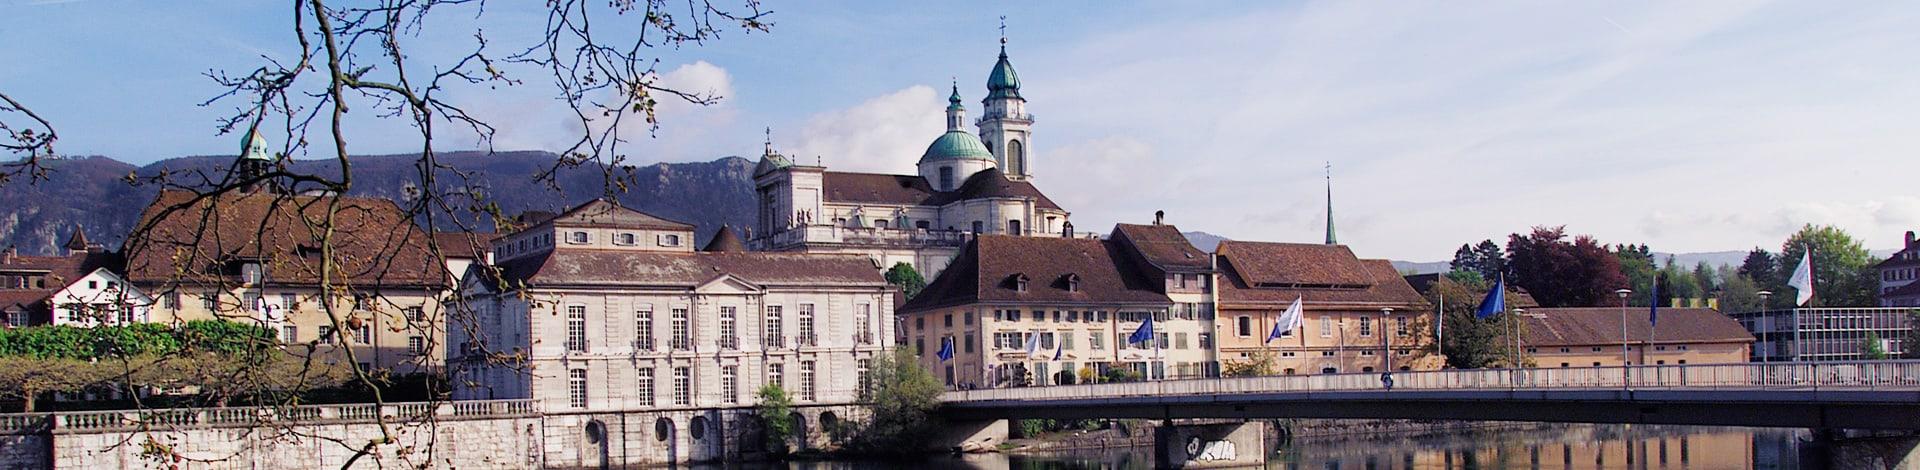 Aussicht auf die Stadt Solothurn